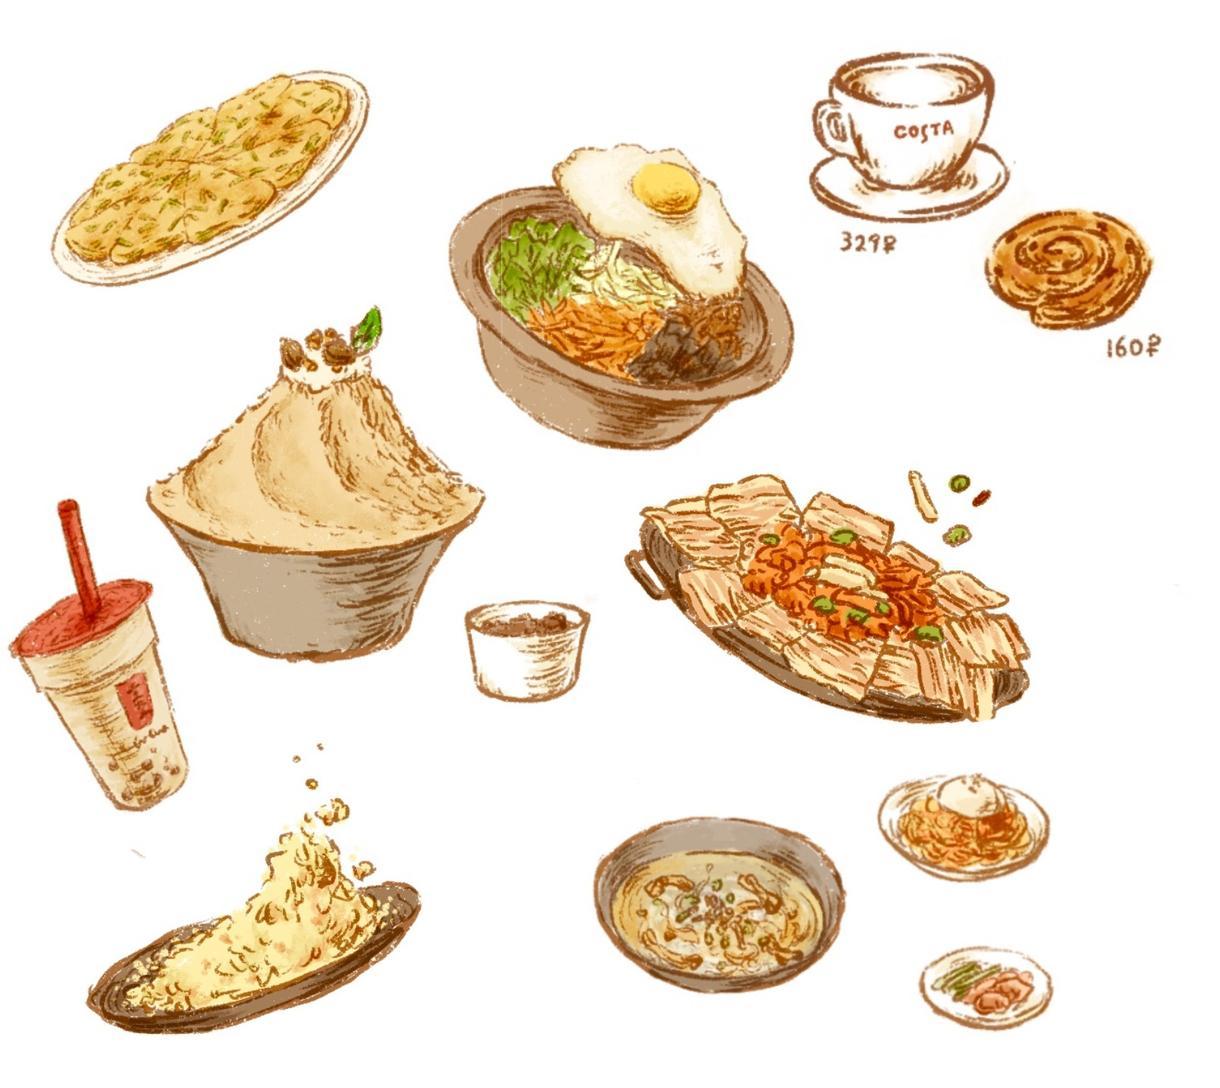 メニューの挿絵等に♡かわいい食べ物イラスト描きます 手描きのあたたかいタッチで!スイーツから和食洋食何でも!